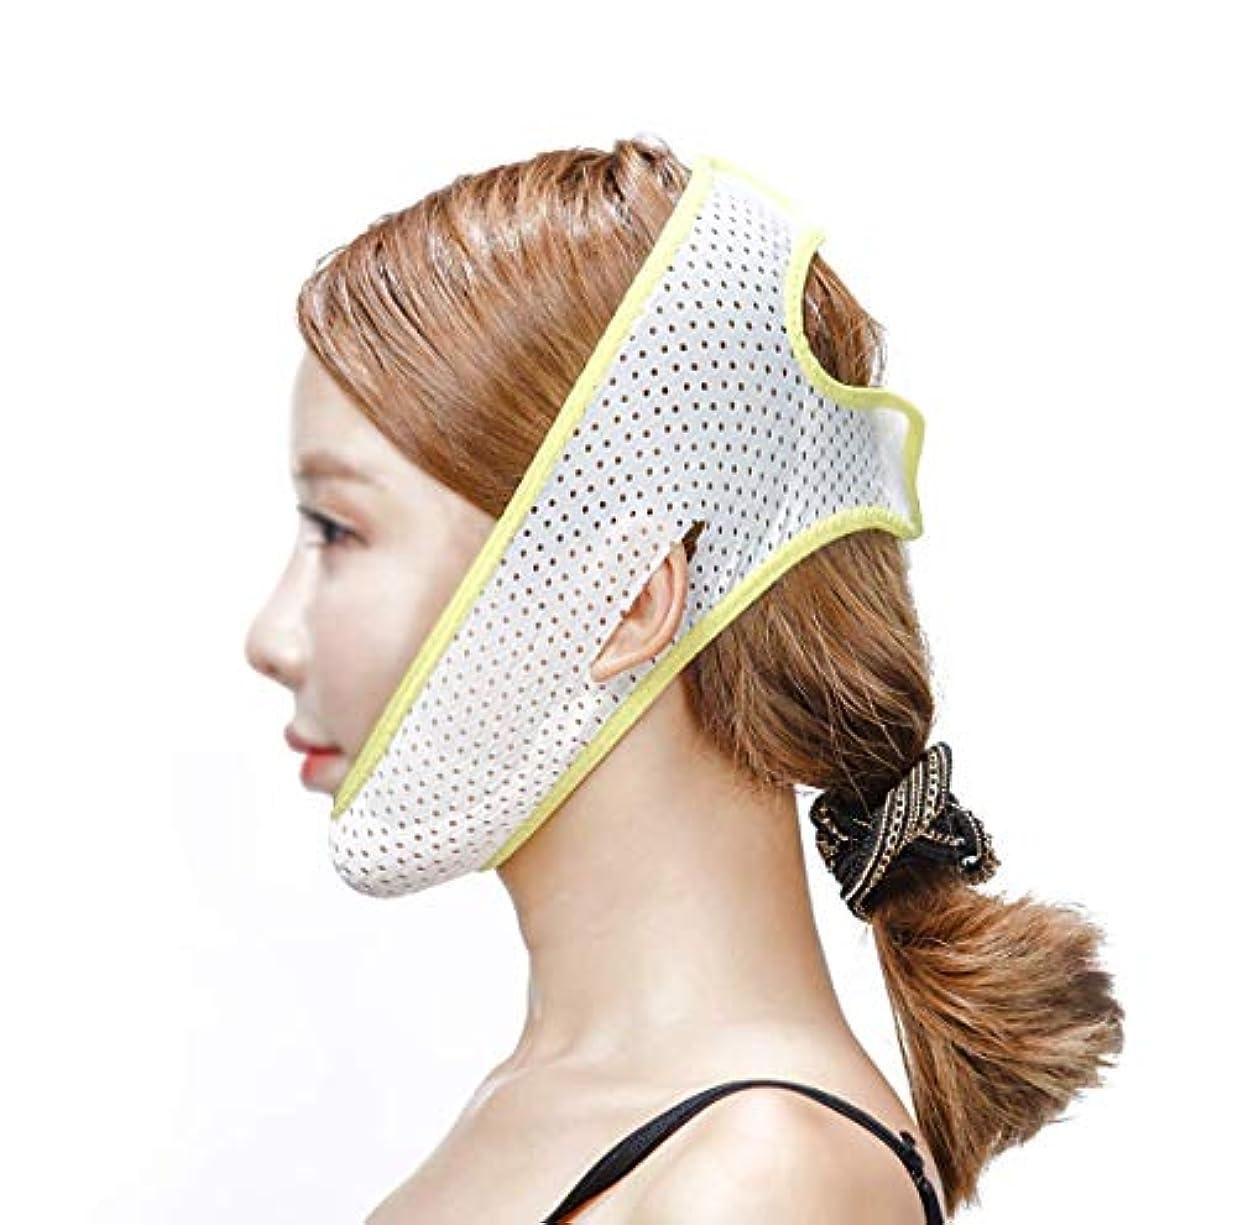 好きフェード寂しいフェイスリフトマスク、あごストラップリカバリ包帯睡眠薄いフェイスバンデージ薄いフェイスマスクフェイスリフトアーティファクトフェイスリフト美容マスク包帯で小さなV顔を強化(色:黄色と白)